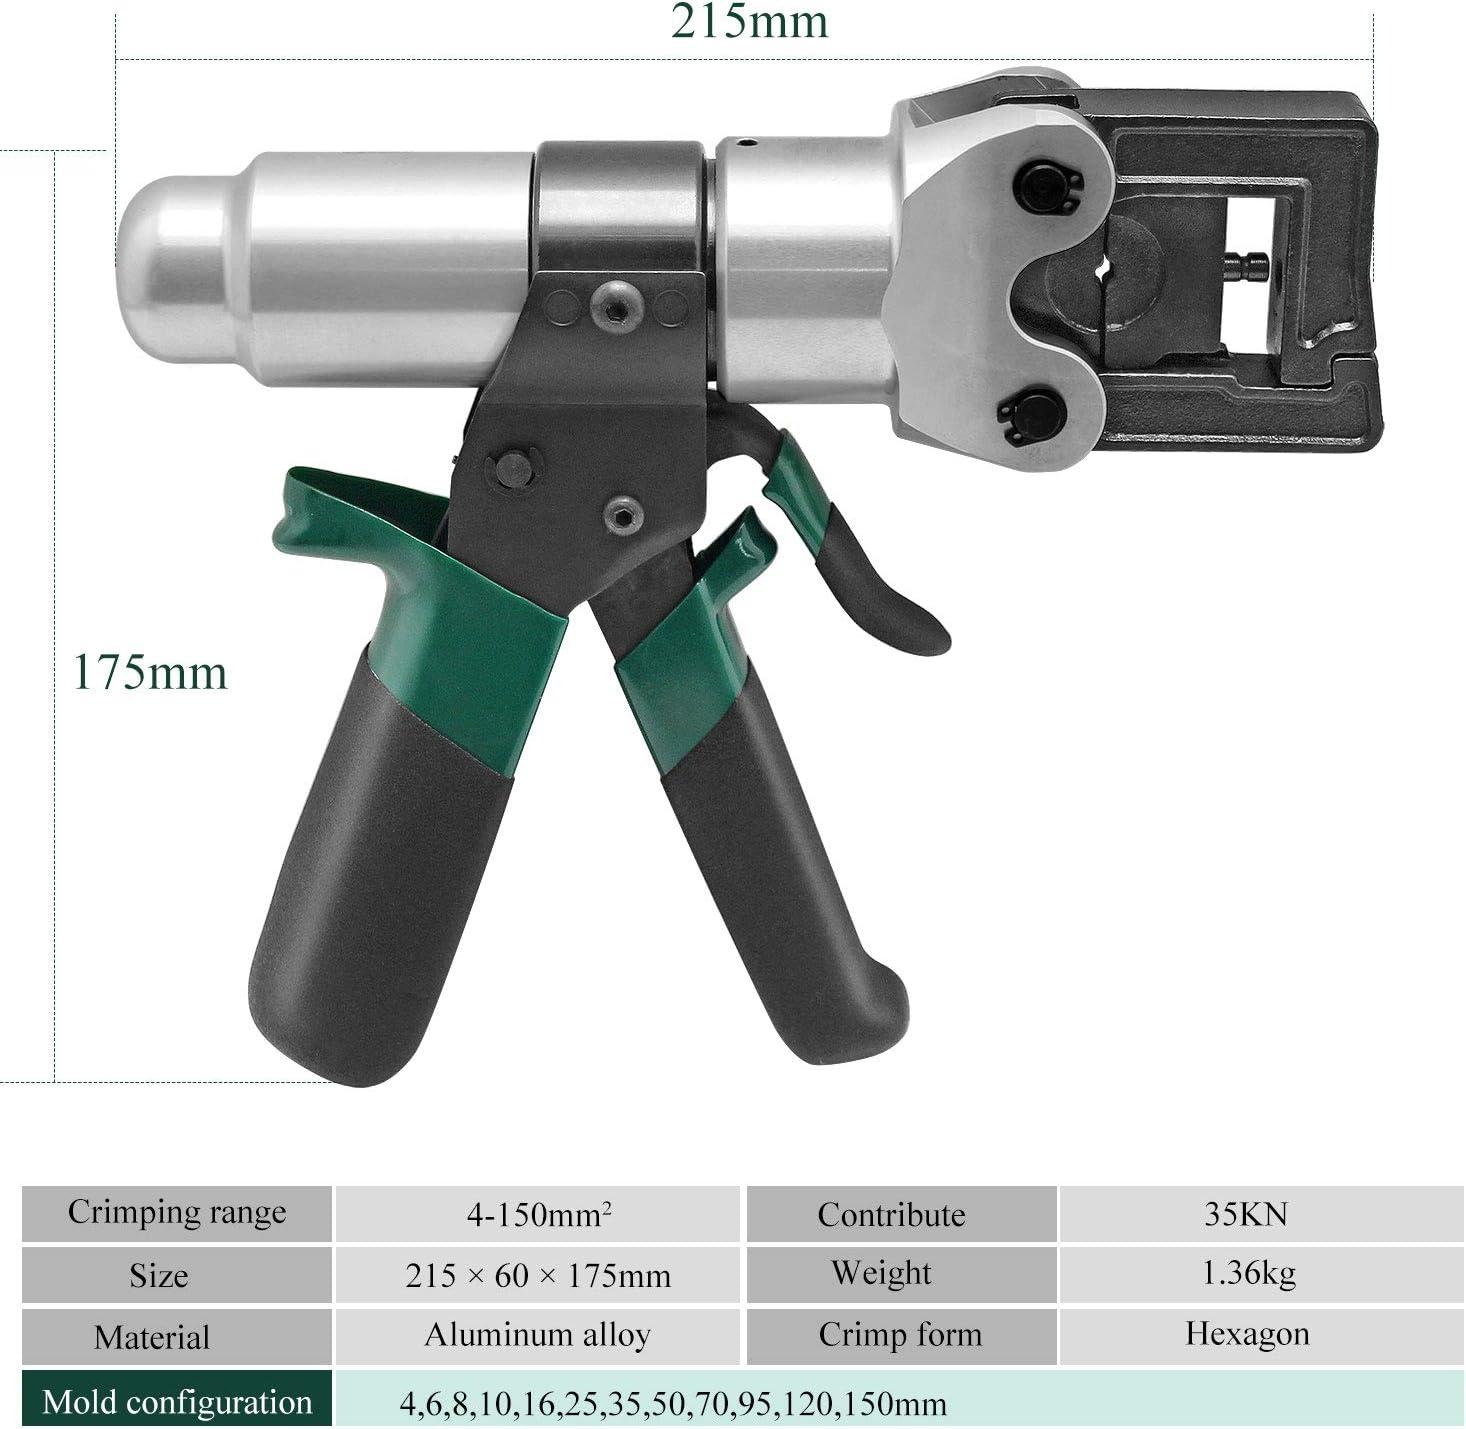 Cgoldenwall Ht-150/Pince /à sertir hydraulique manuel avec valve de s/écurit/é hydraulique c/âble Pince /à sertir Pince /à sertir Pince de compression pour CU conducteur 4 150/mm/²